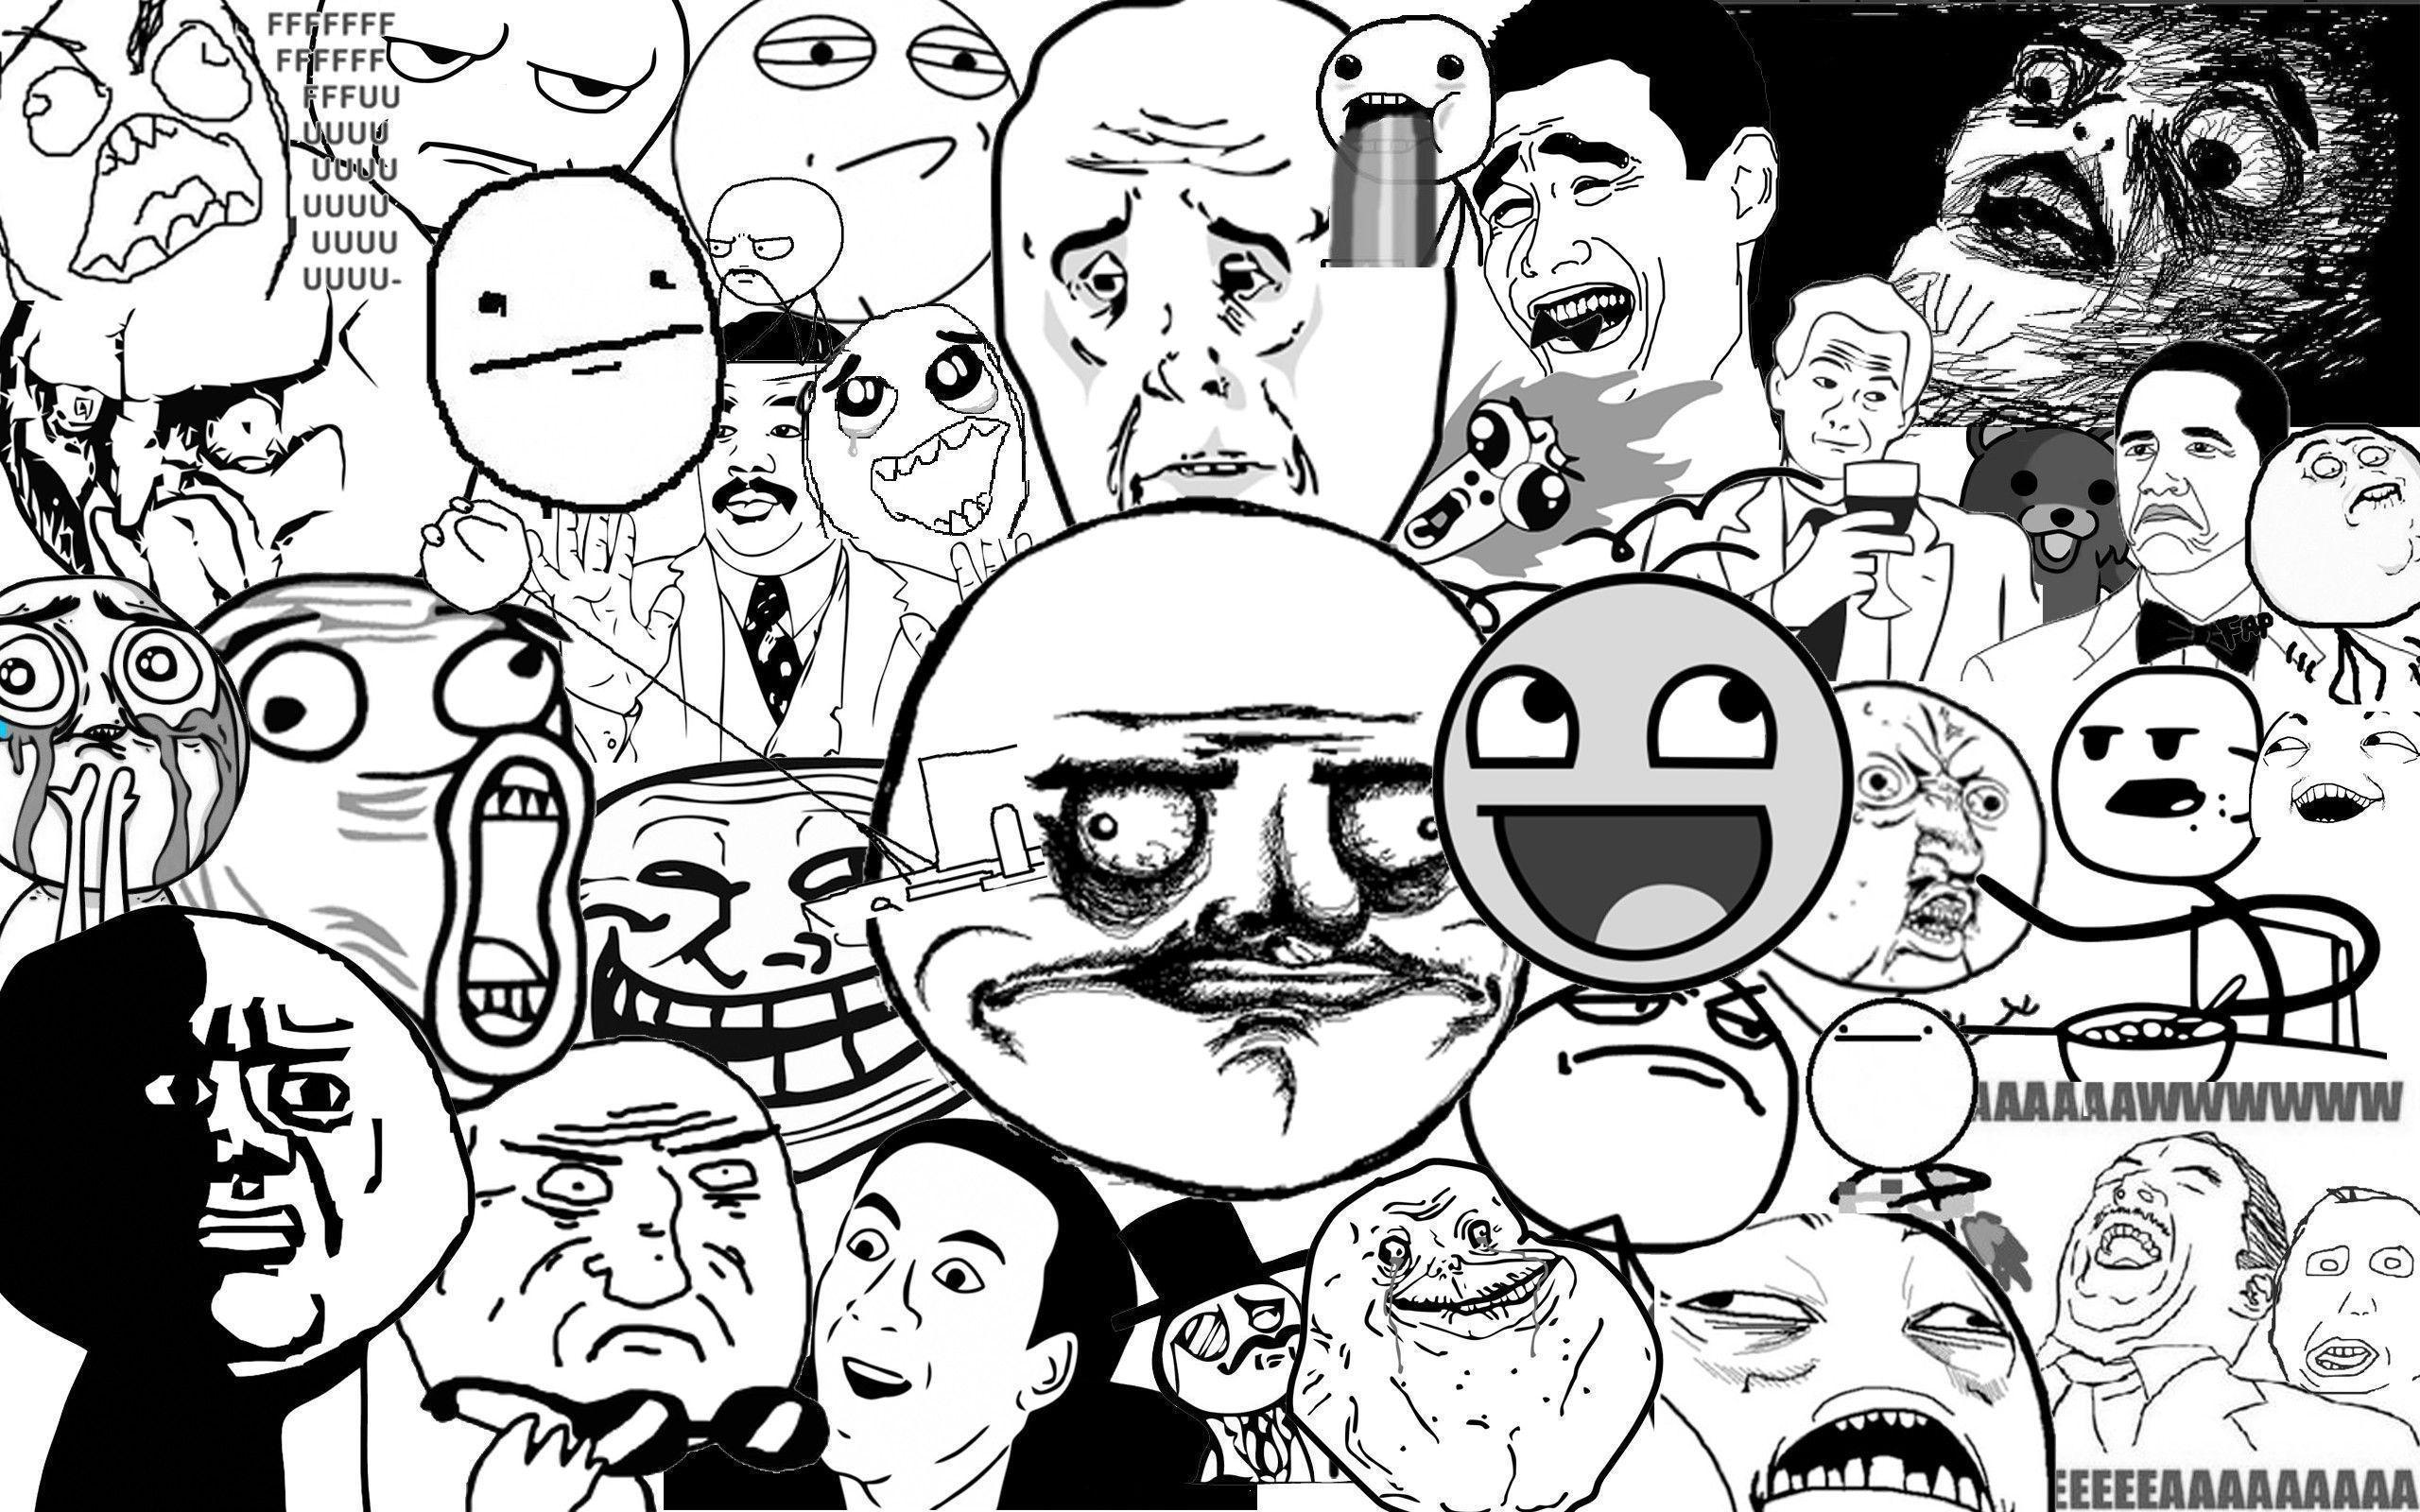 meme wallpapers wallpaper cave HD City Wallpapers 1080P meme wallpaper hd